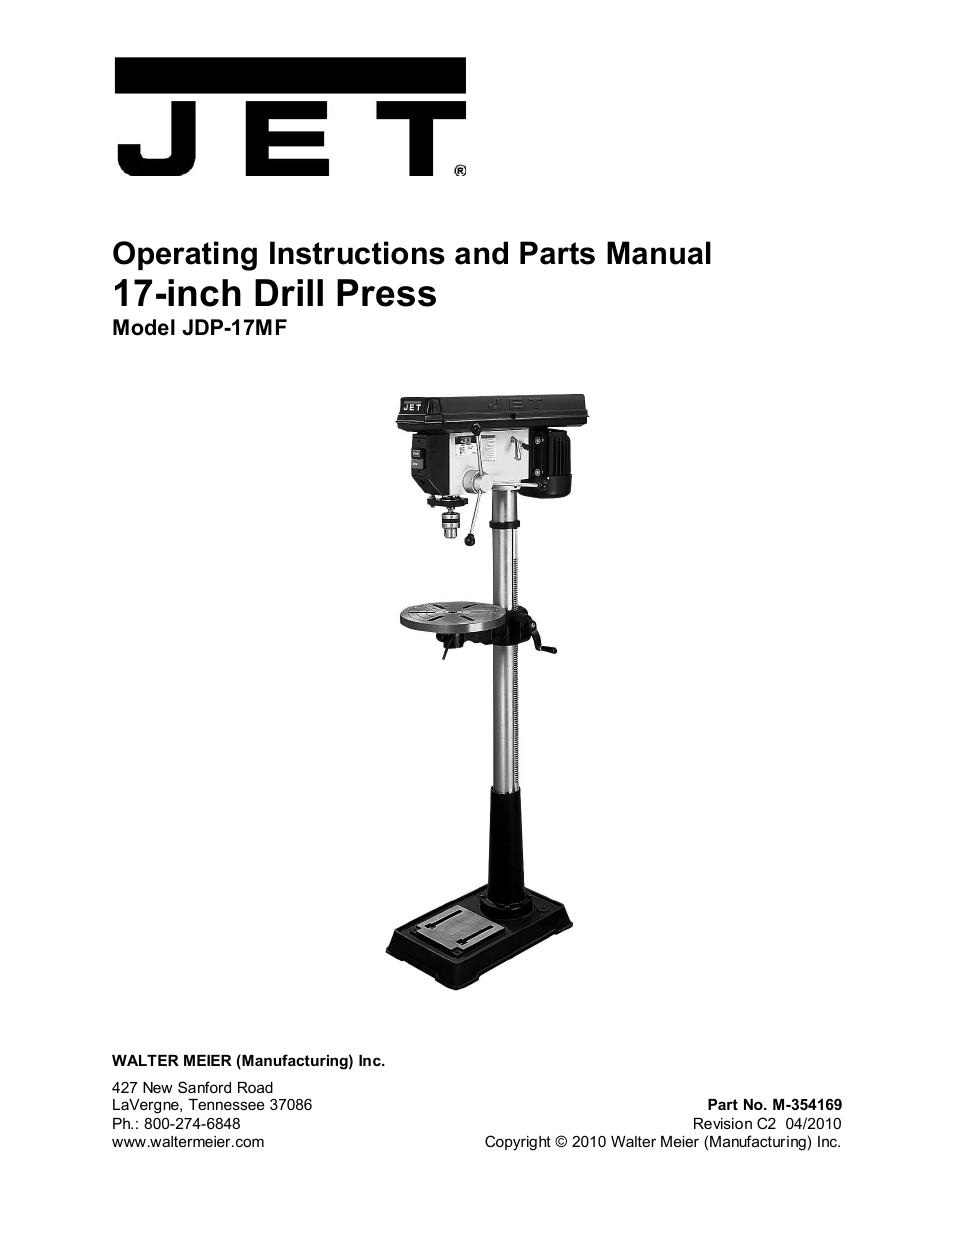 jet tools jdp 17mf user manual 24 pages rh manualsdir com Jet JDP-17MF Drill Press Specs jet drill press jdp-17mf manual